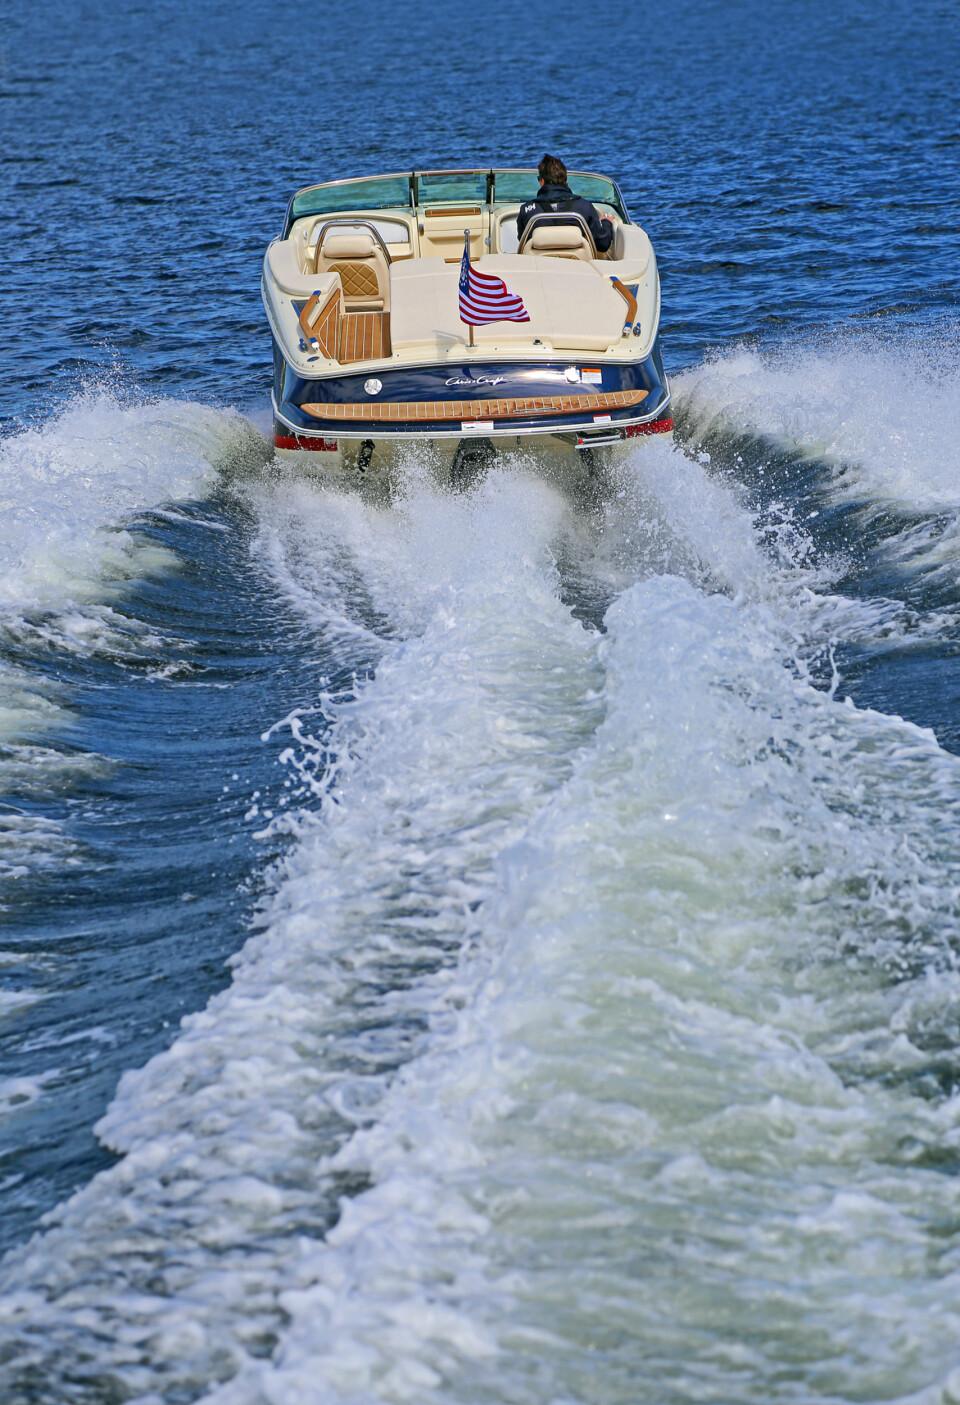 FORT NOK: Selv med en av de mindre V8-alternativene i motorrommet, klarer båten godt over 45 knop (FOTO: Terje Bjørnsen).